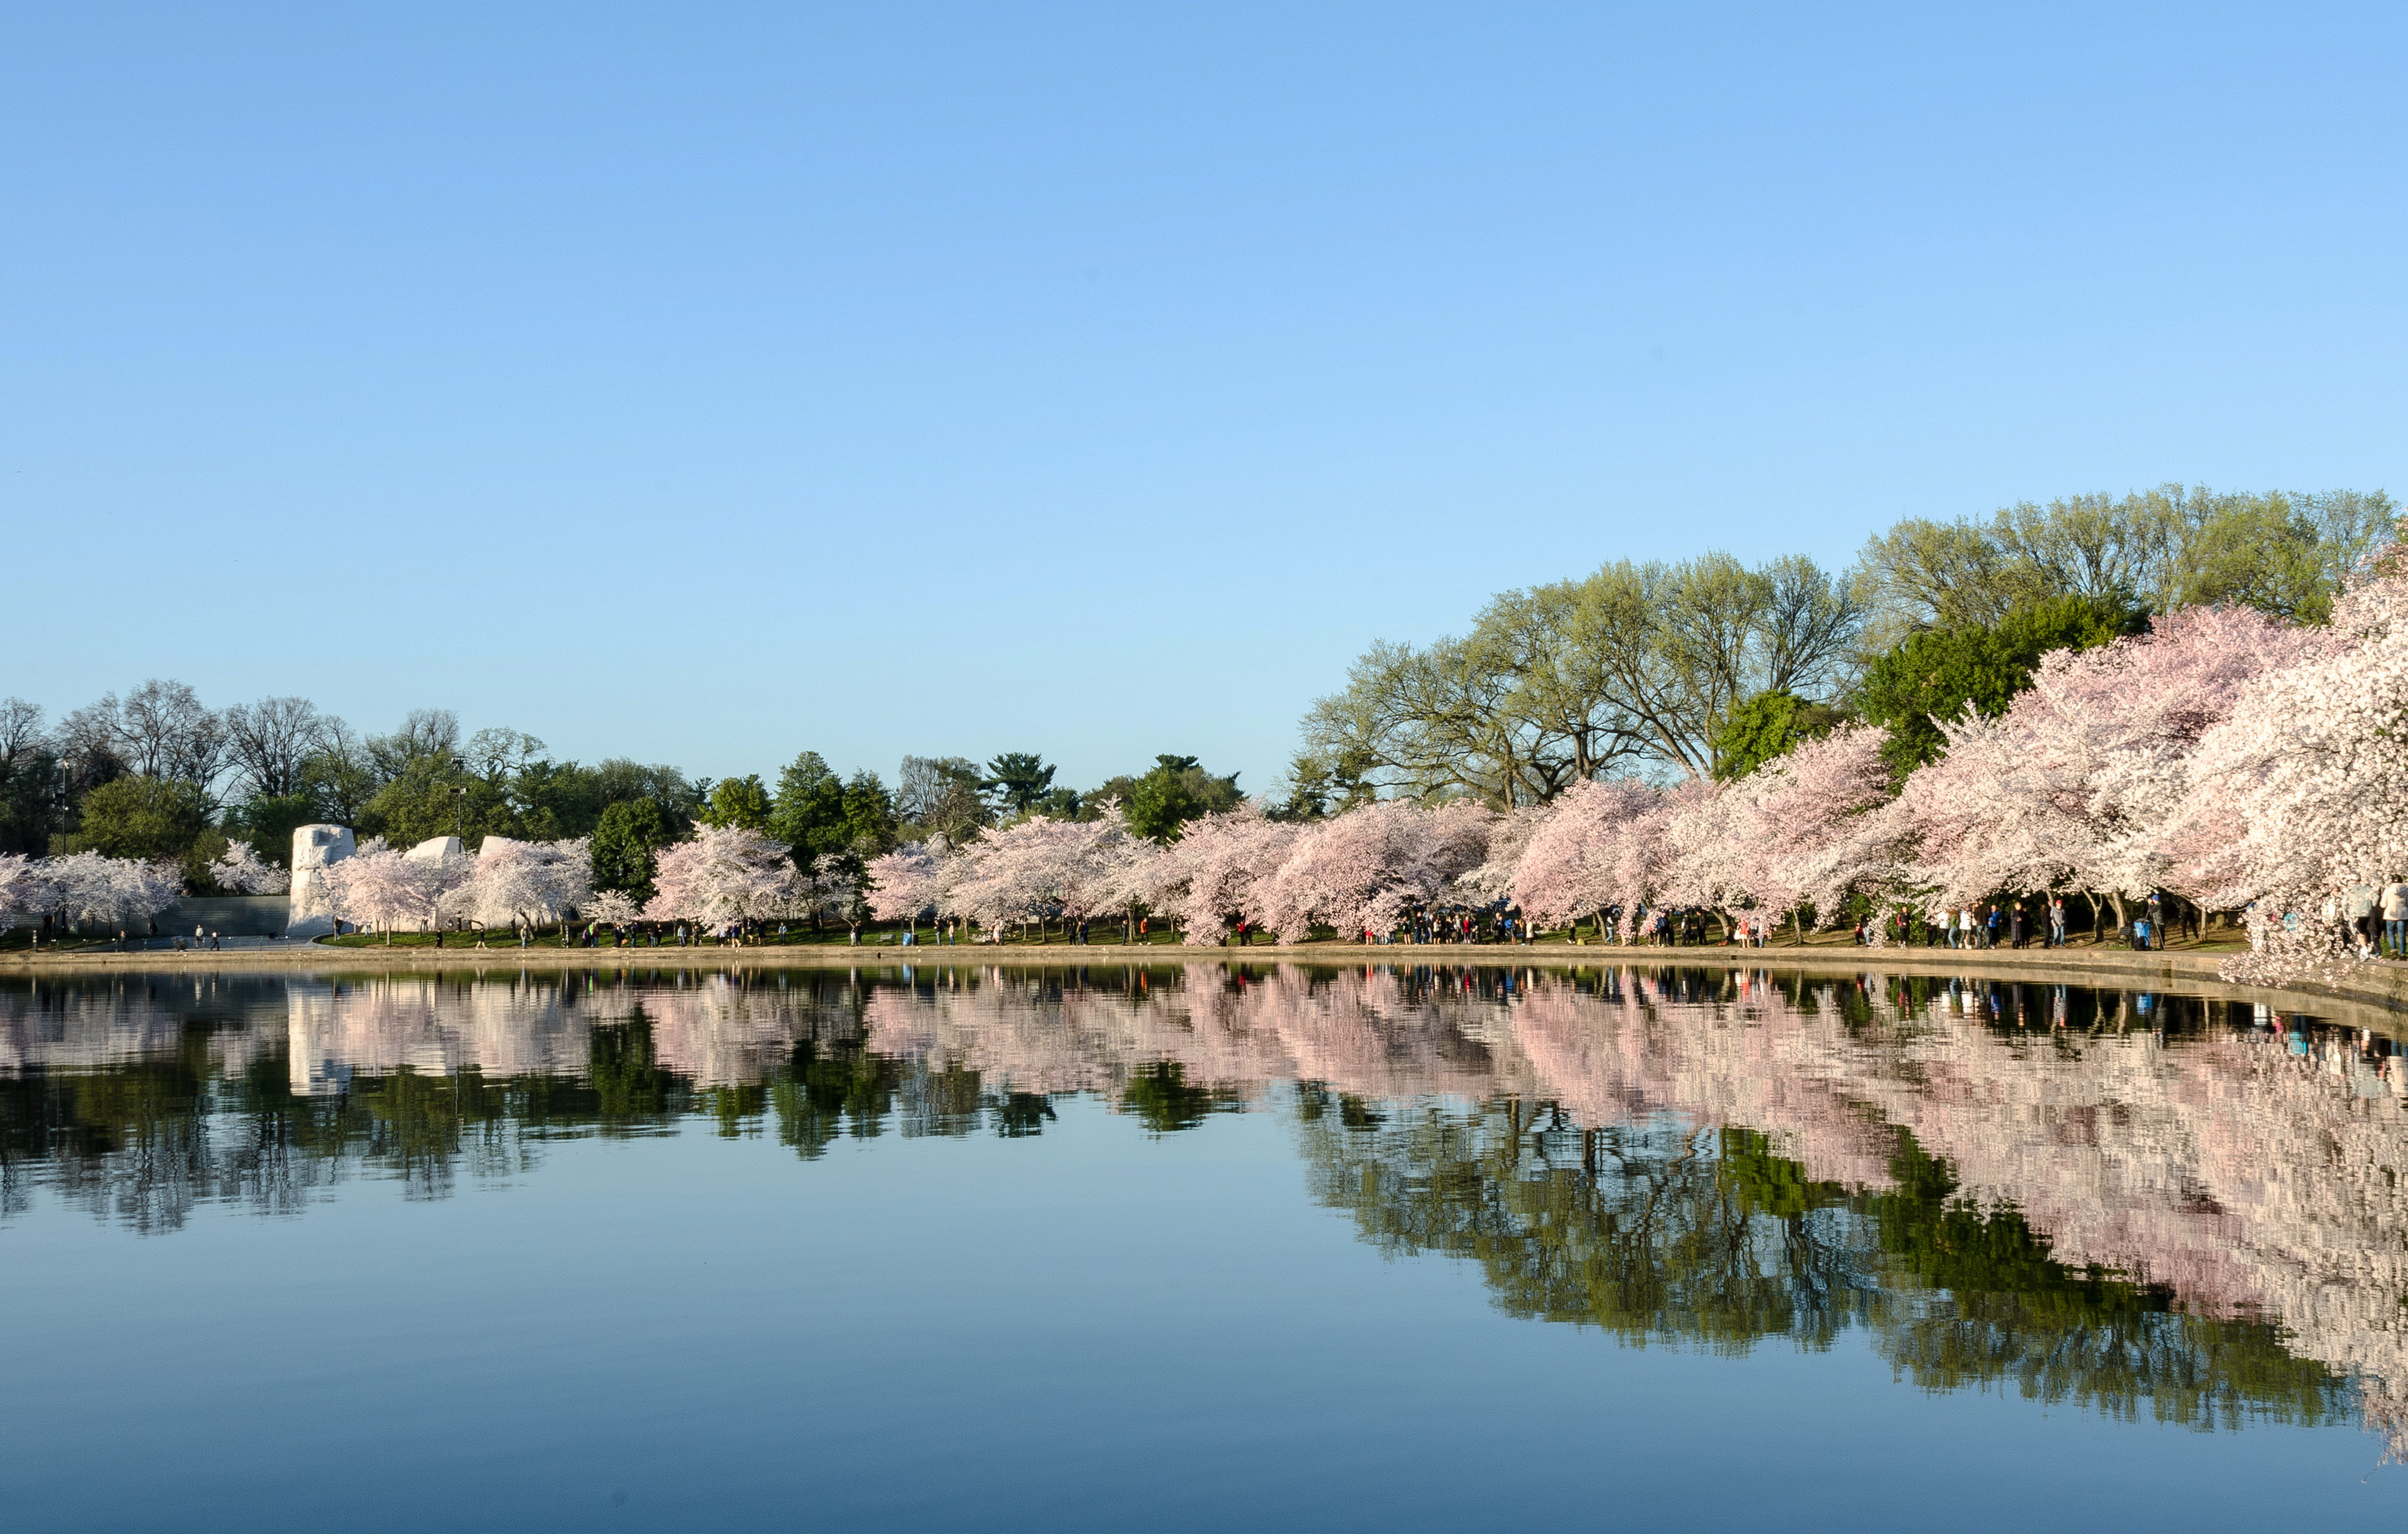 sakura-in-bloom-28